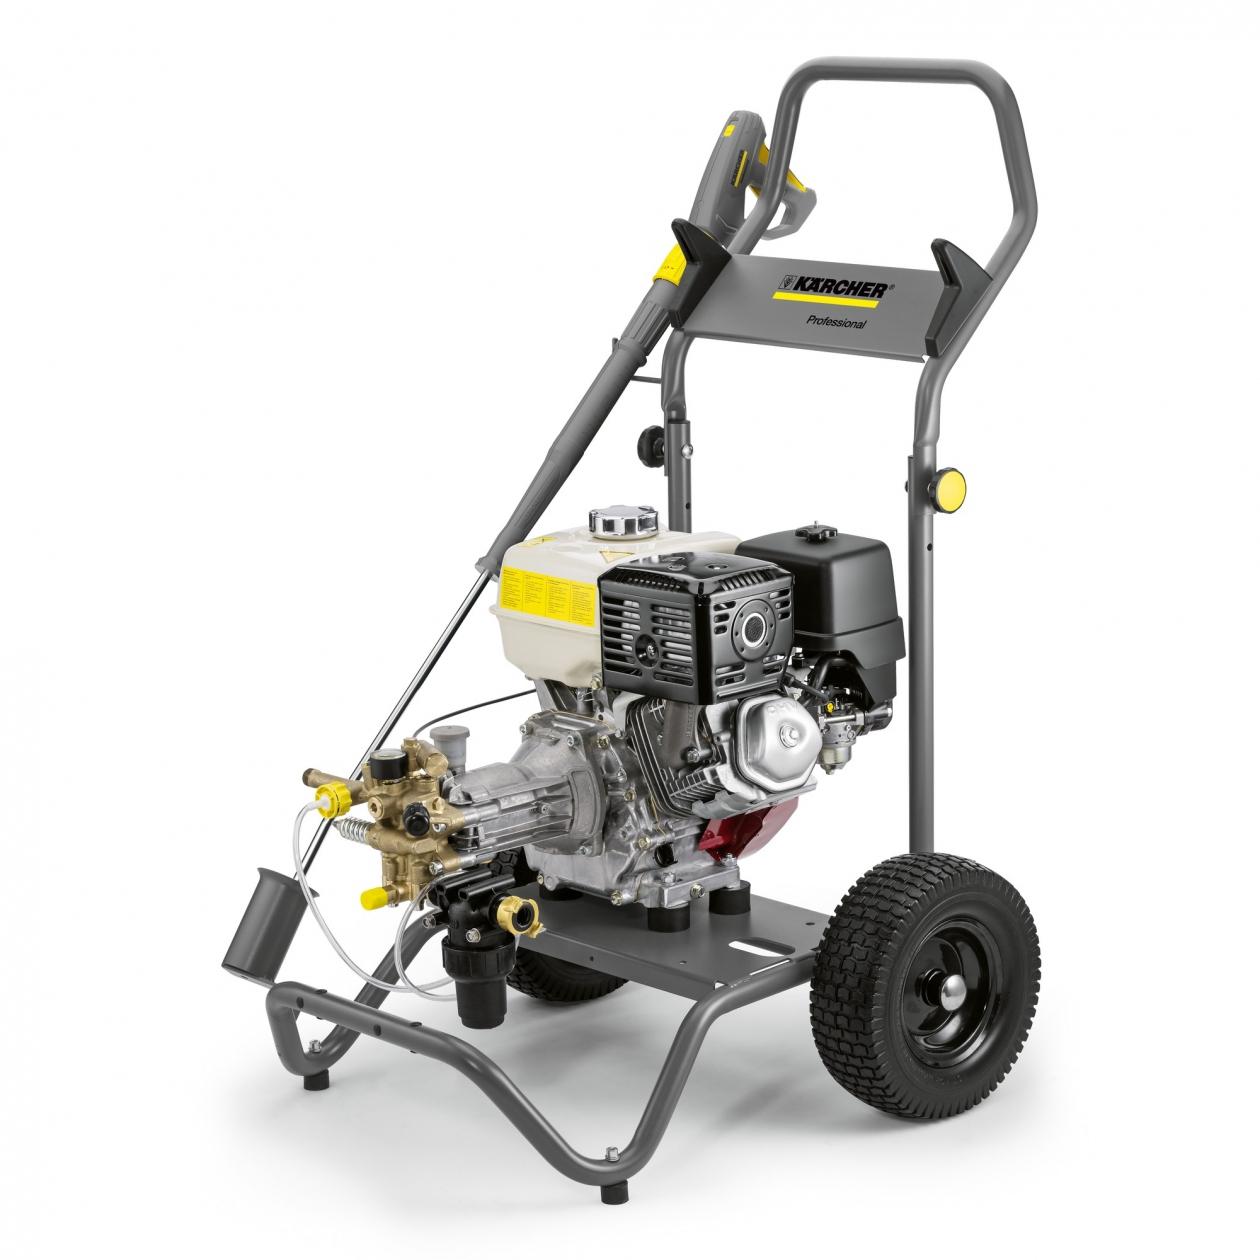 Nettoyeur à eau froide à moteur thermique HD 9/23 G Karcher